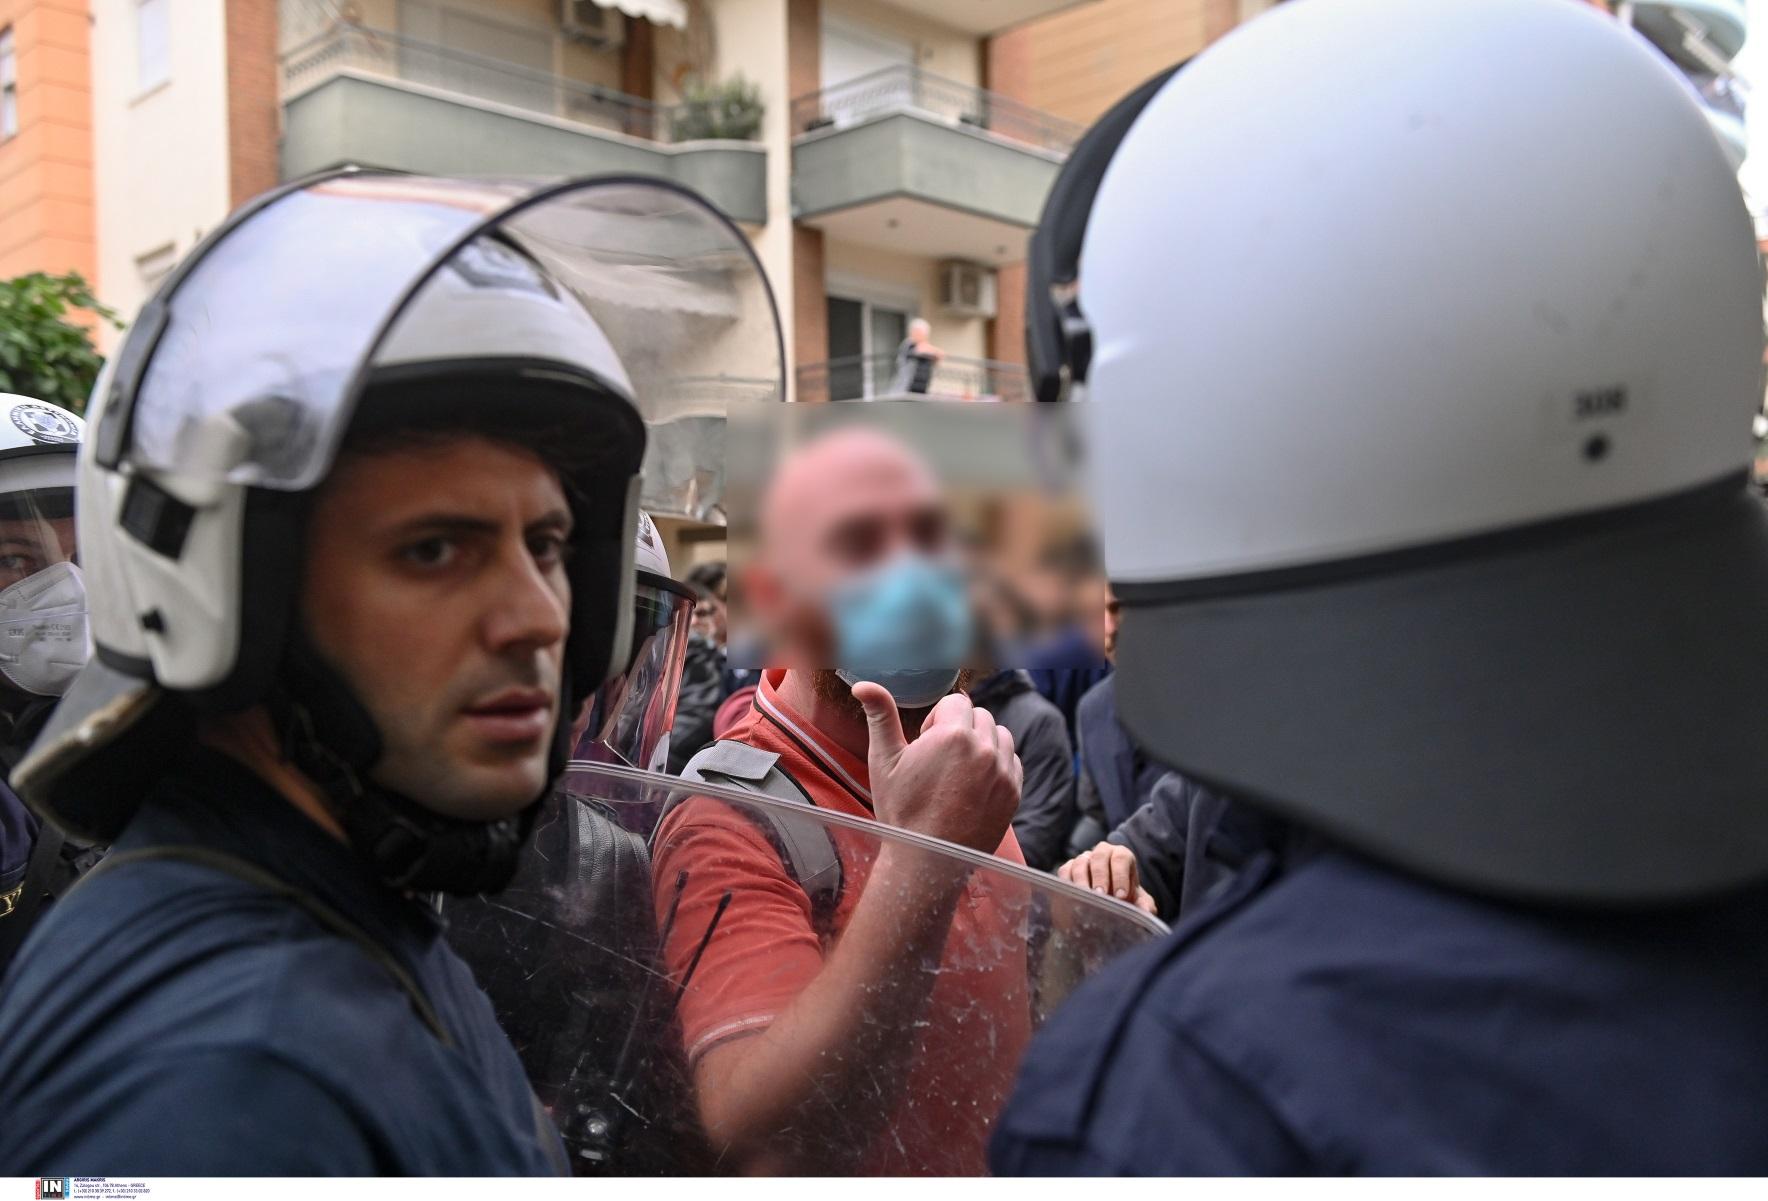 ΕΠΑΛ Σταυρούπολης: 6 συλλήψεις, 40 προσαγωγές και έρευνες της αντιτρομοκρατικής για τα σοβαρά επεισόδια